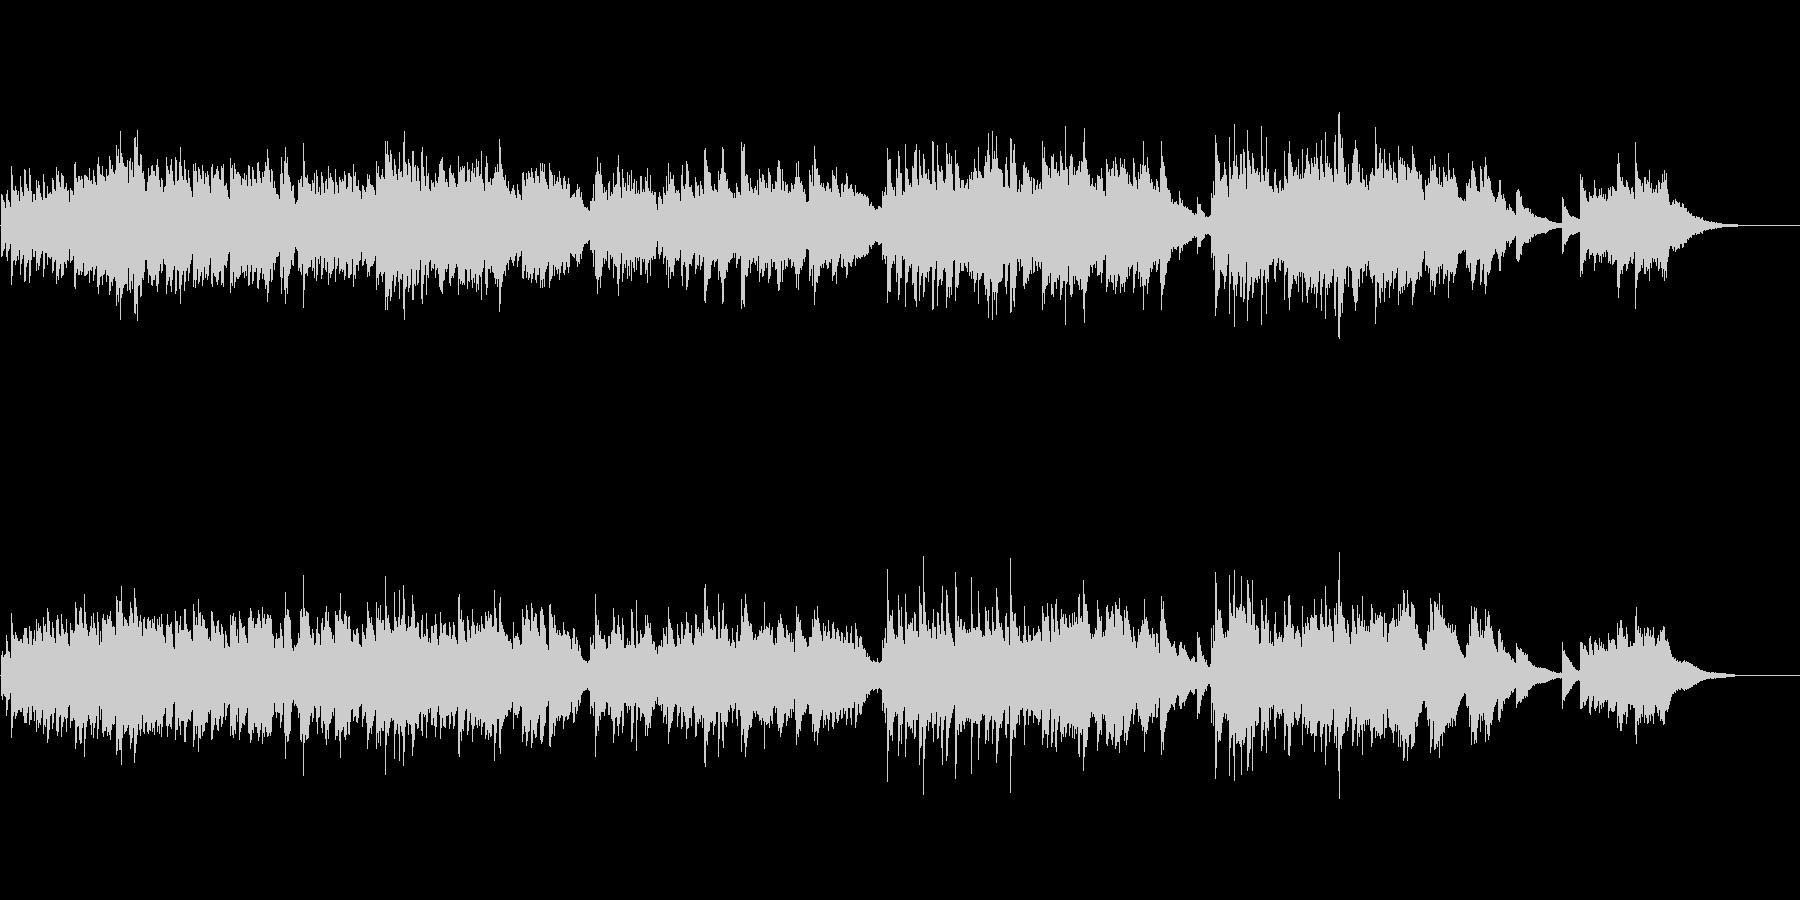 バラード調癒し系ピアノBGMの未再生の波形